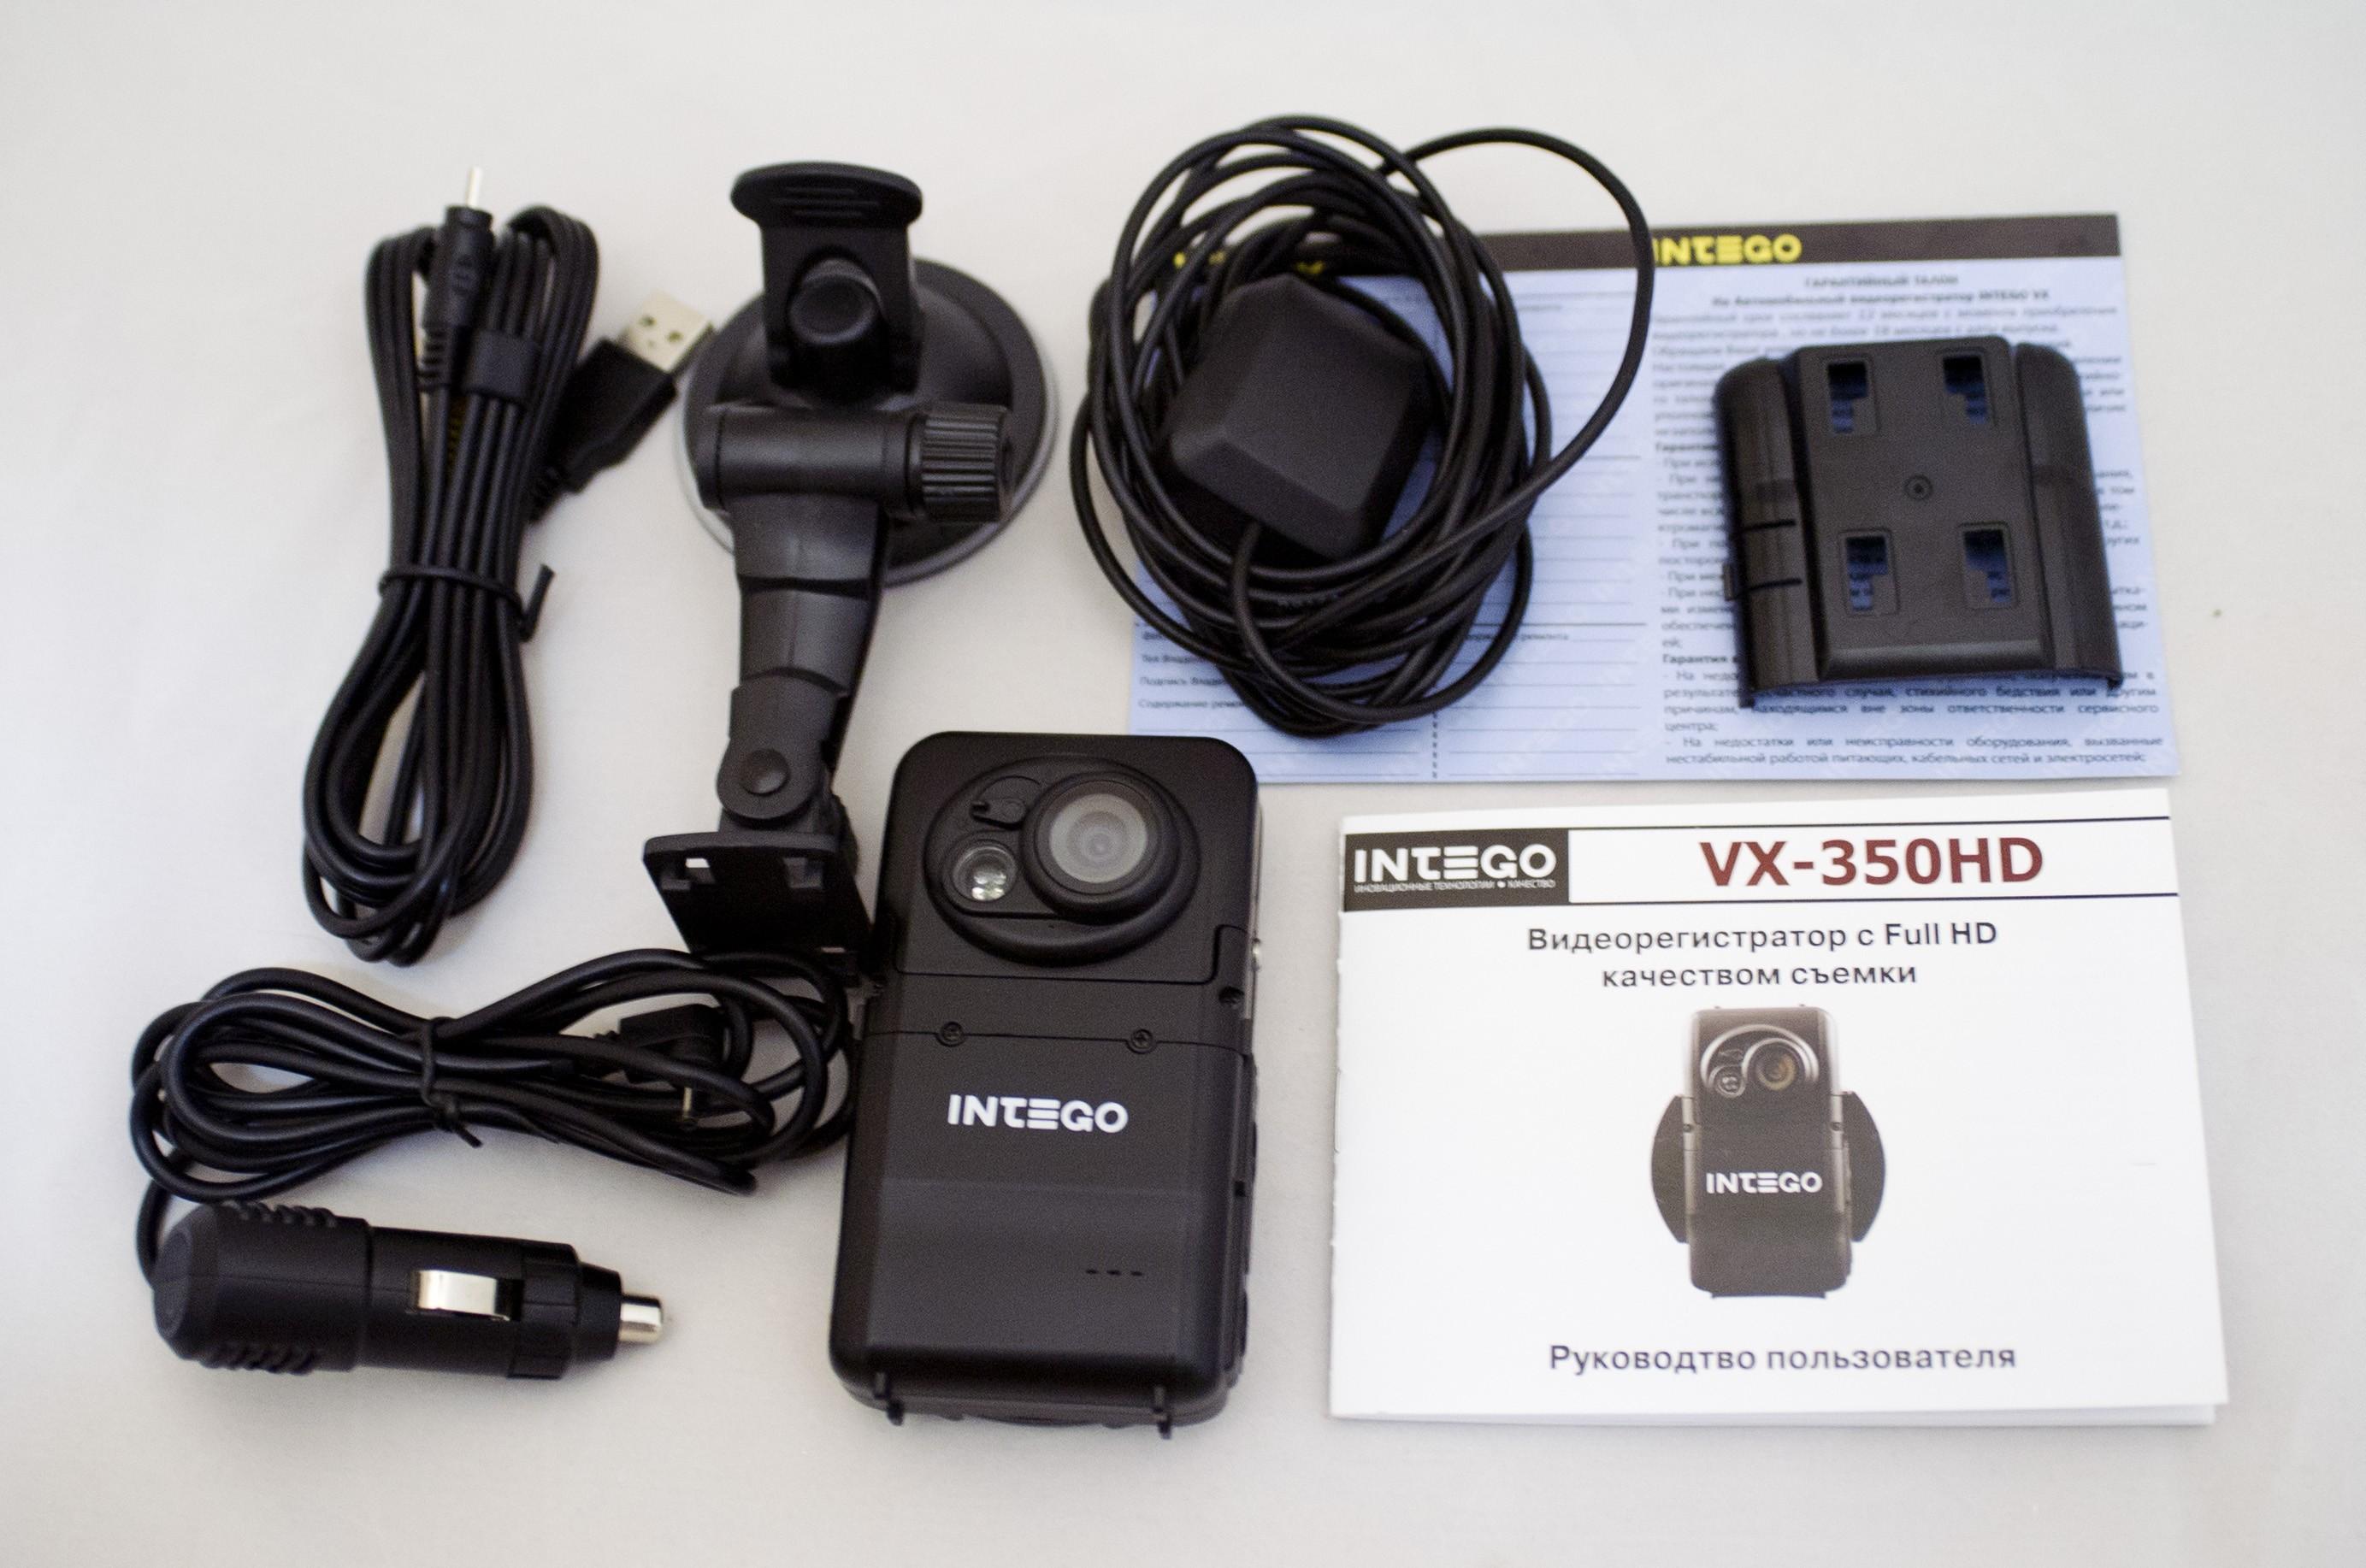 Видеорегистратор intego vx 350hd отзывы